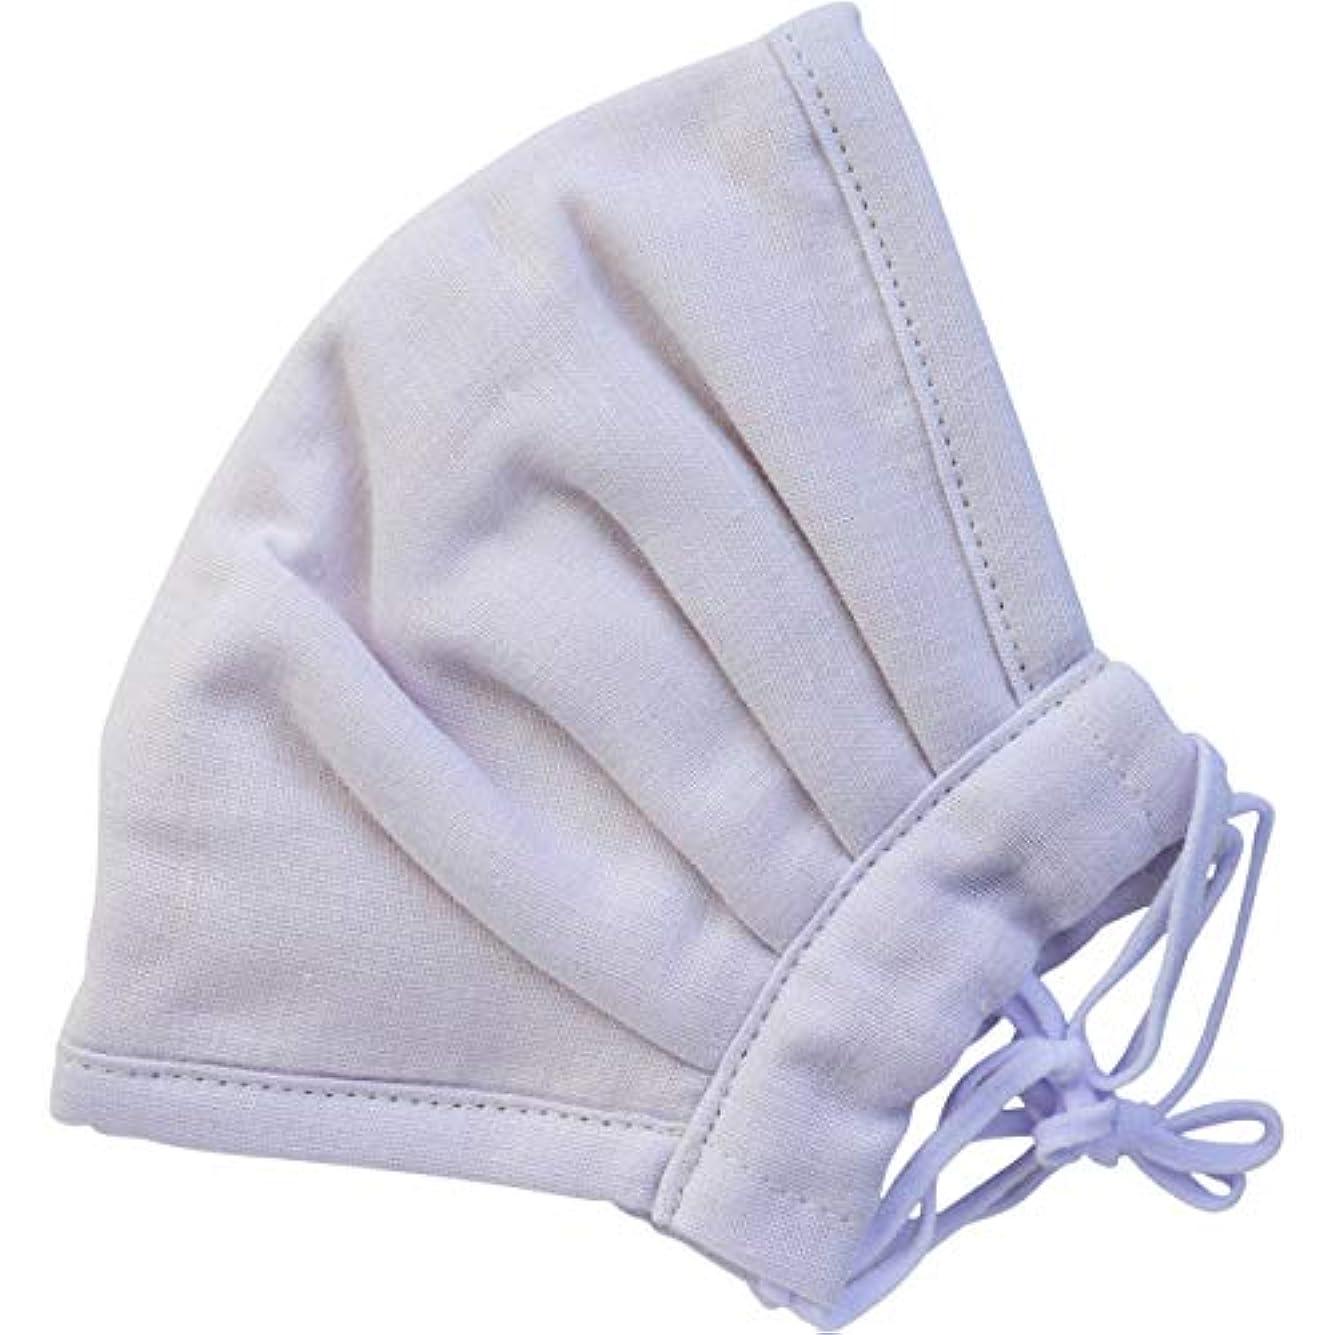 焼く前提条件麦芽ふわふわマスク 今治産タオル 超敏感肌用 パープル ゆったり大きめサイズ 1枚入×10個セット